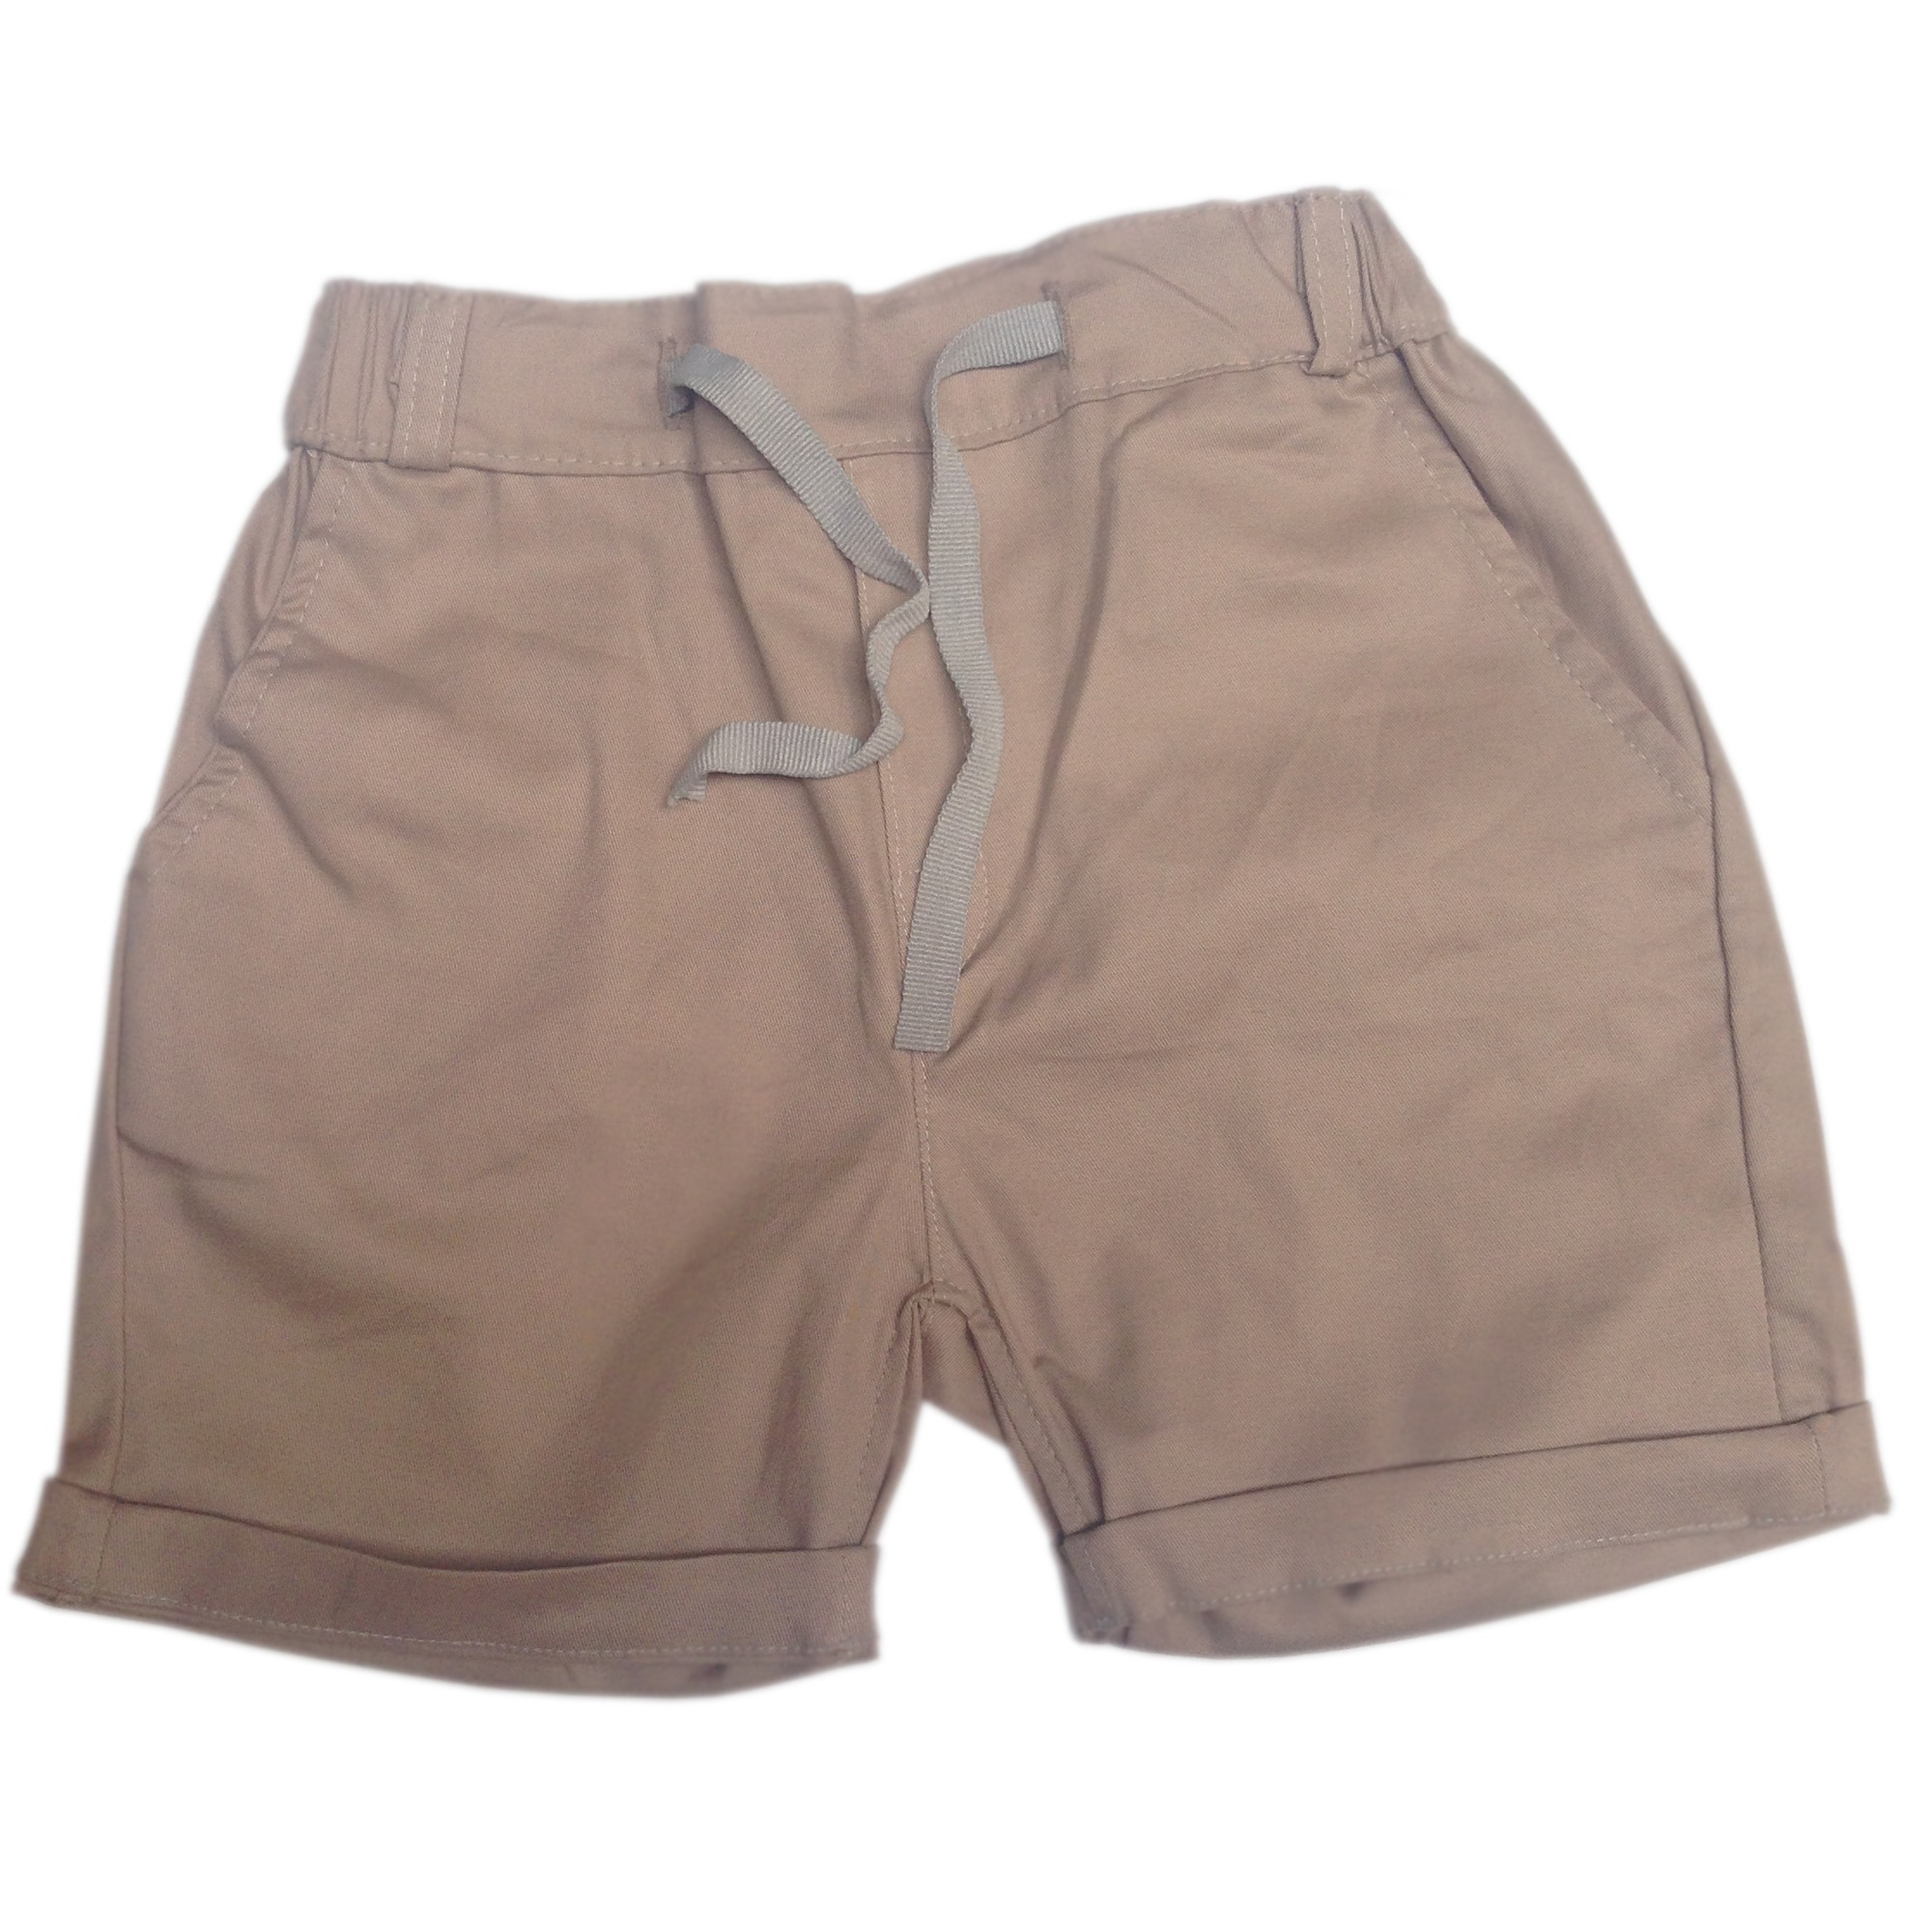 Quần sóc body cho bé trai Made in VietNam - màu khaky